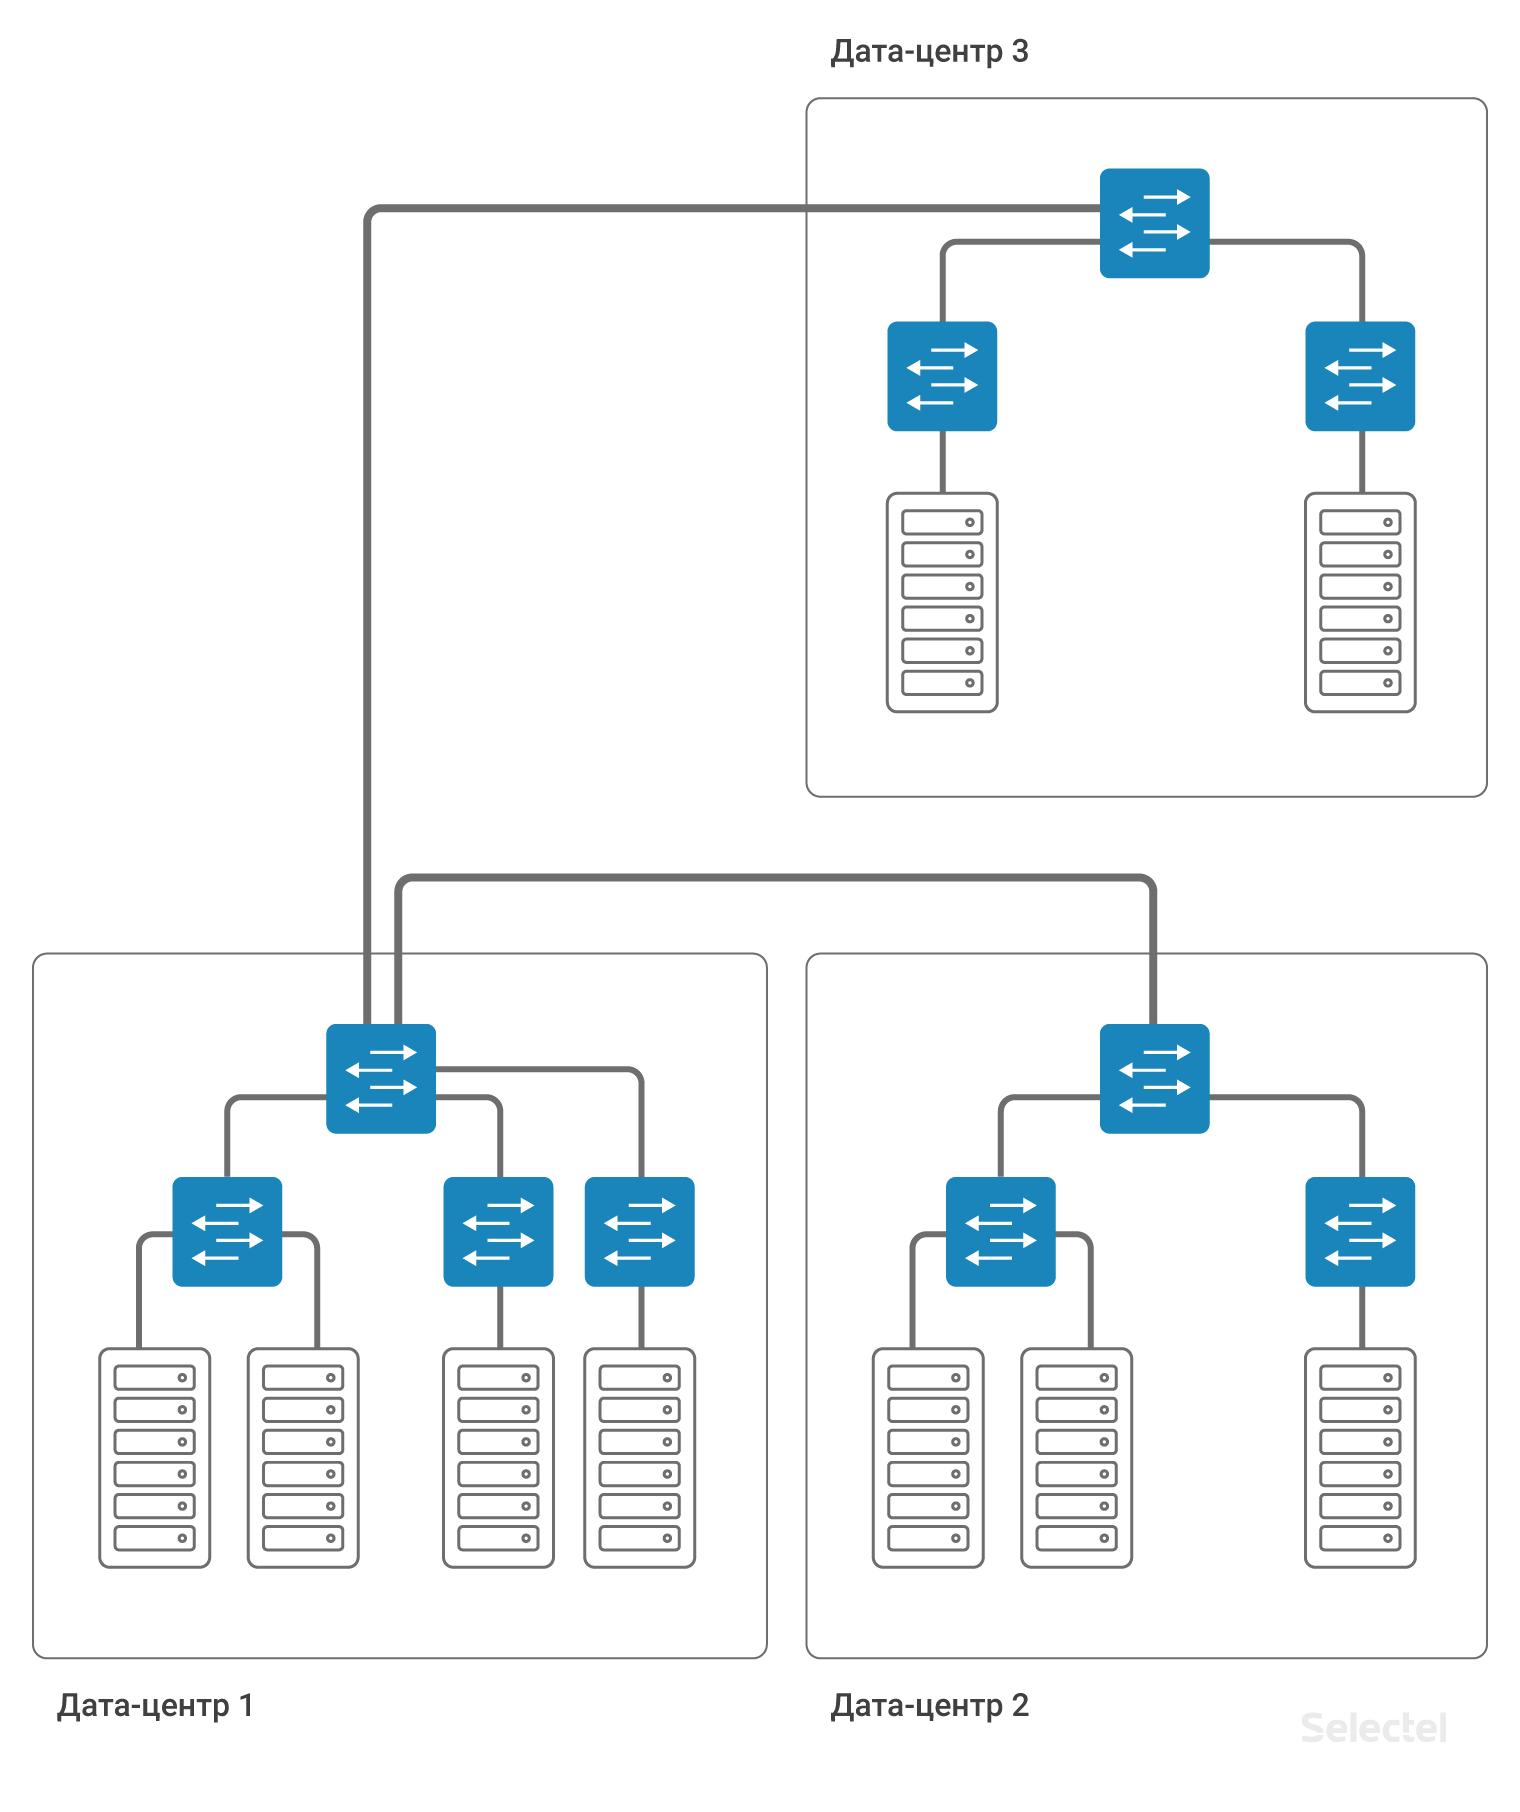 Работа маршрутизации при сохранении L2 схемы